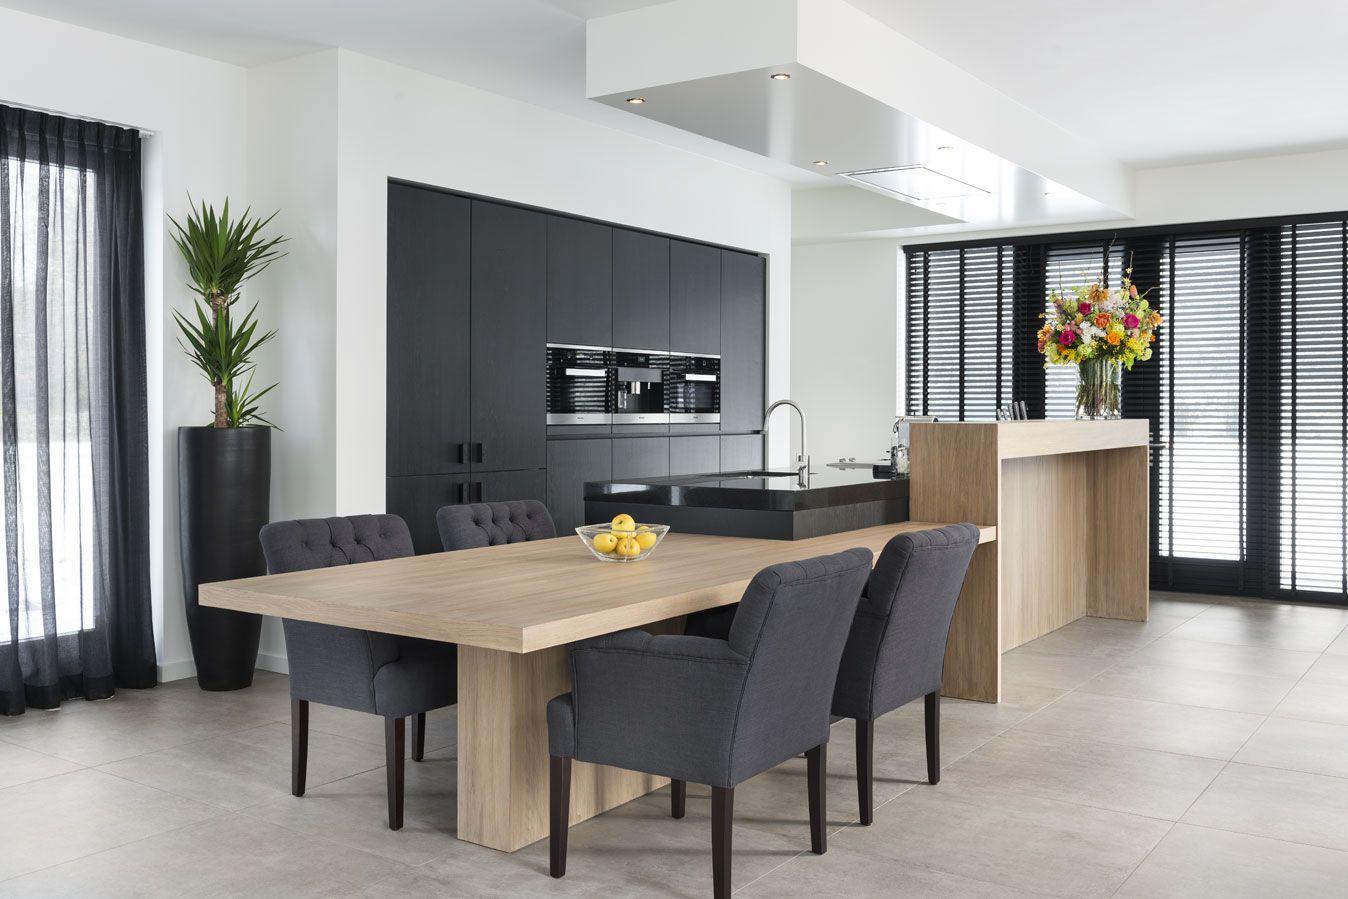 Moderne keuken met bar int rieur cuisines pinterest - D co keuken ...